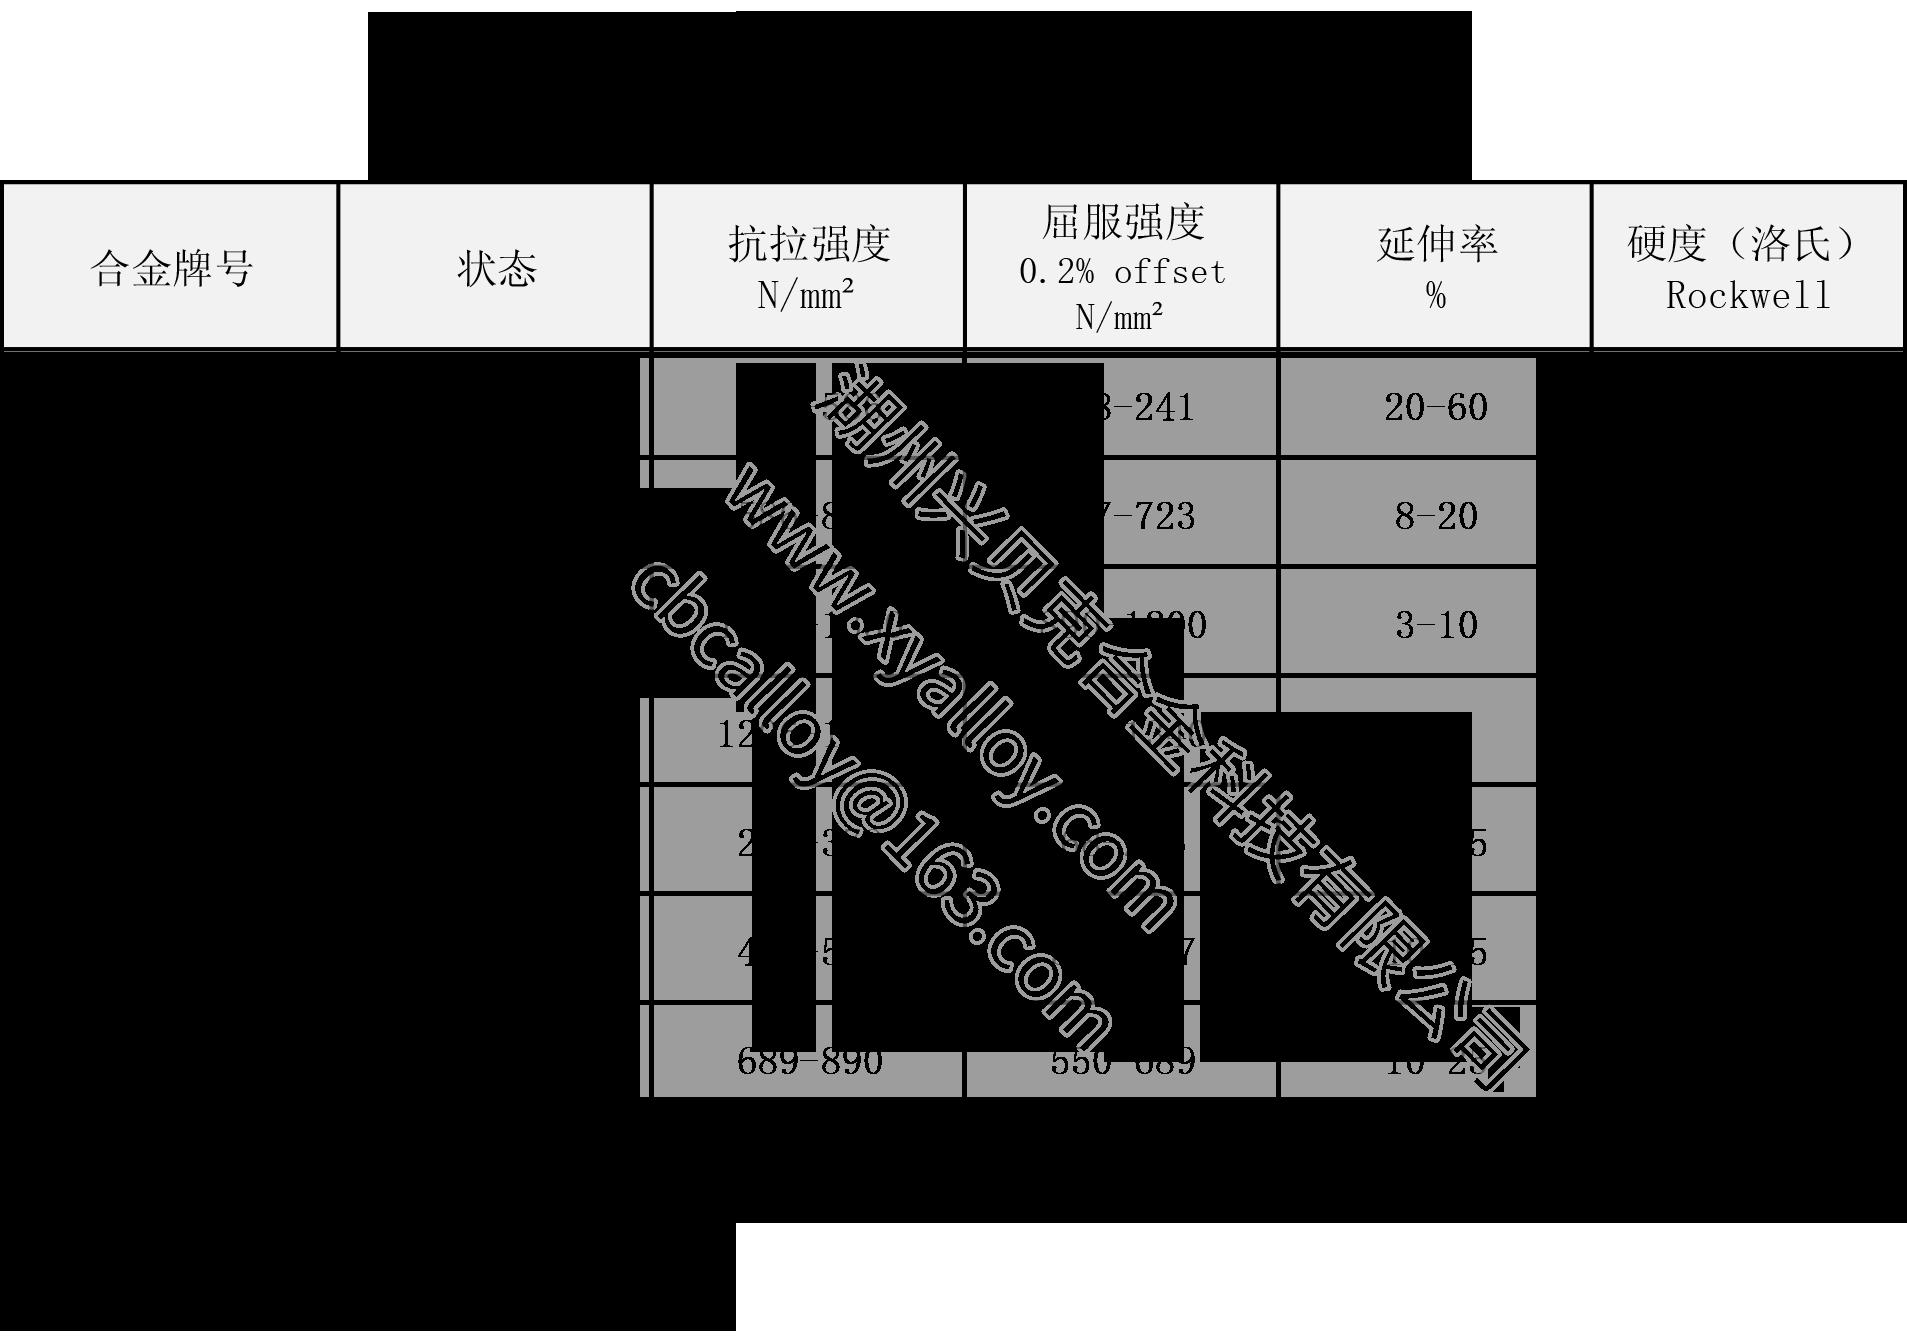 興貝克-鈹銅塊-性能